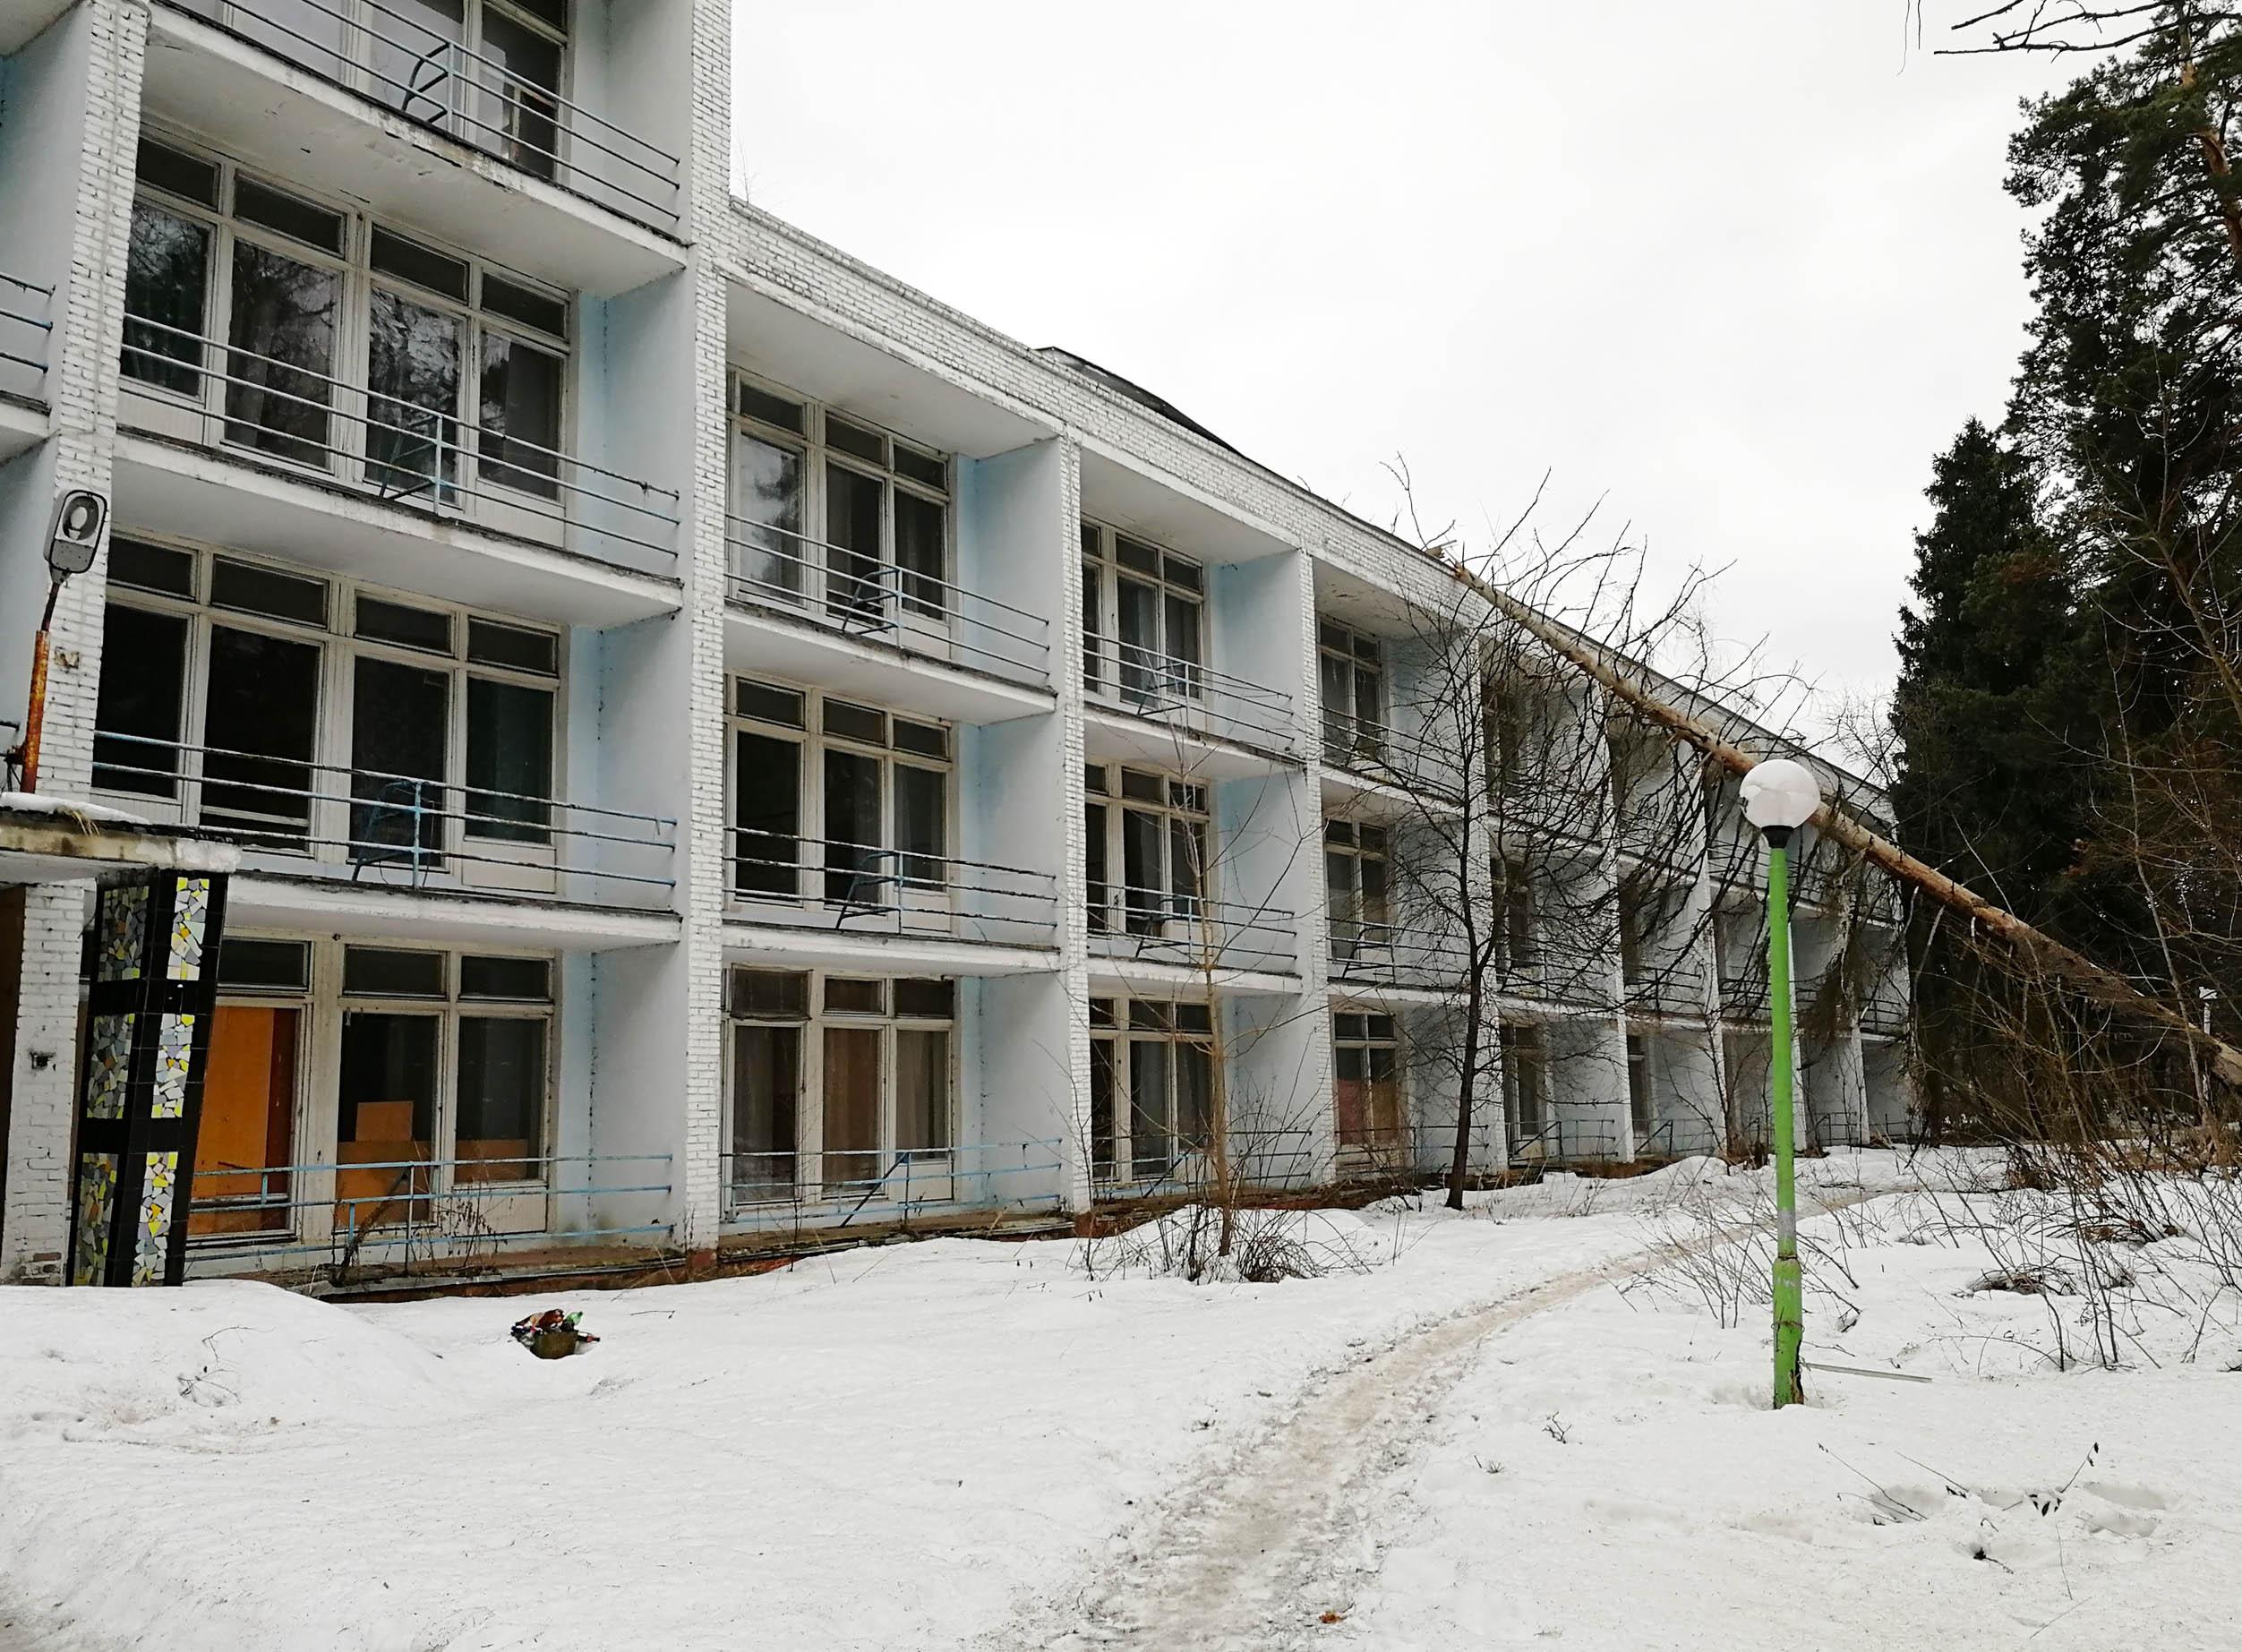 sanatoriy-ramenskoe-zabroshka